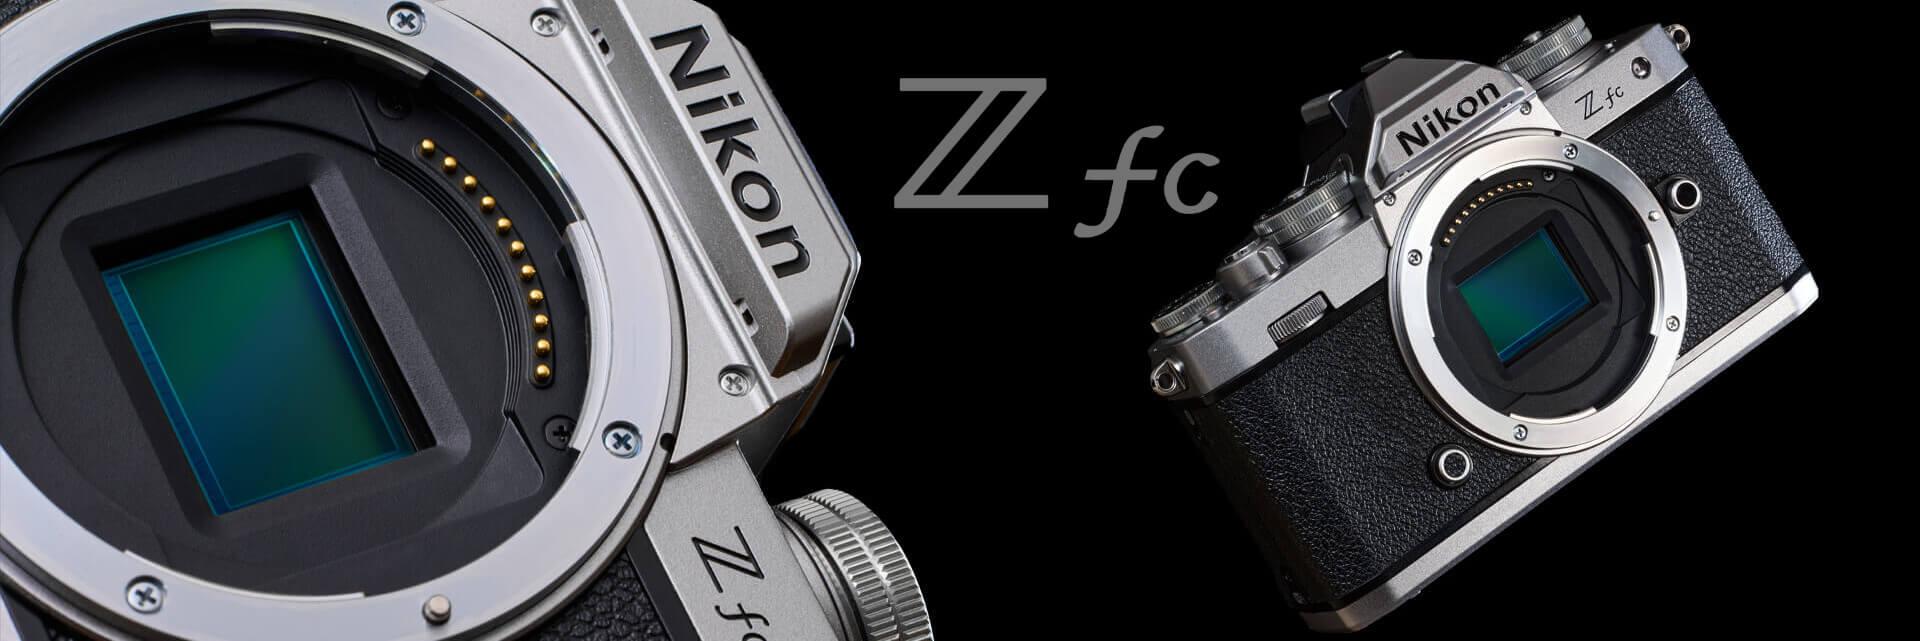 Žhavá letní novinka –Nikon Z fc – digitální Nikon FM2 je na světě!